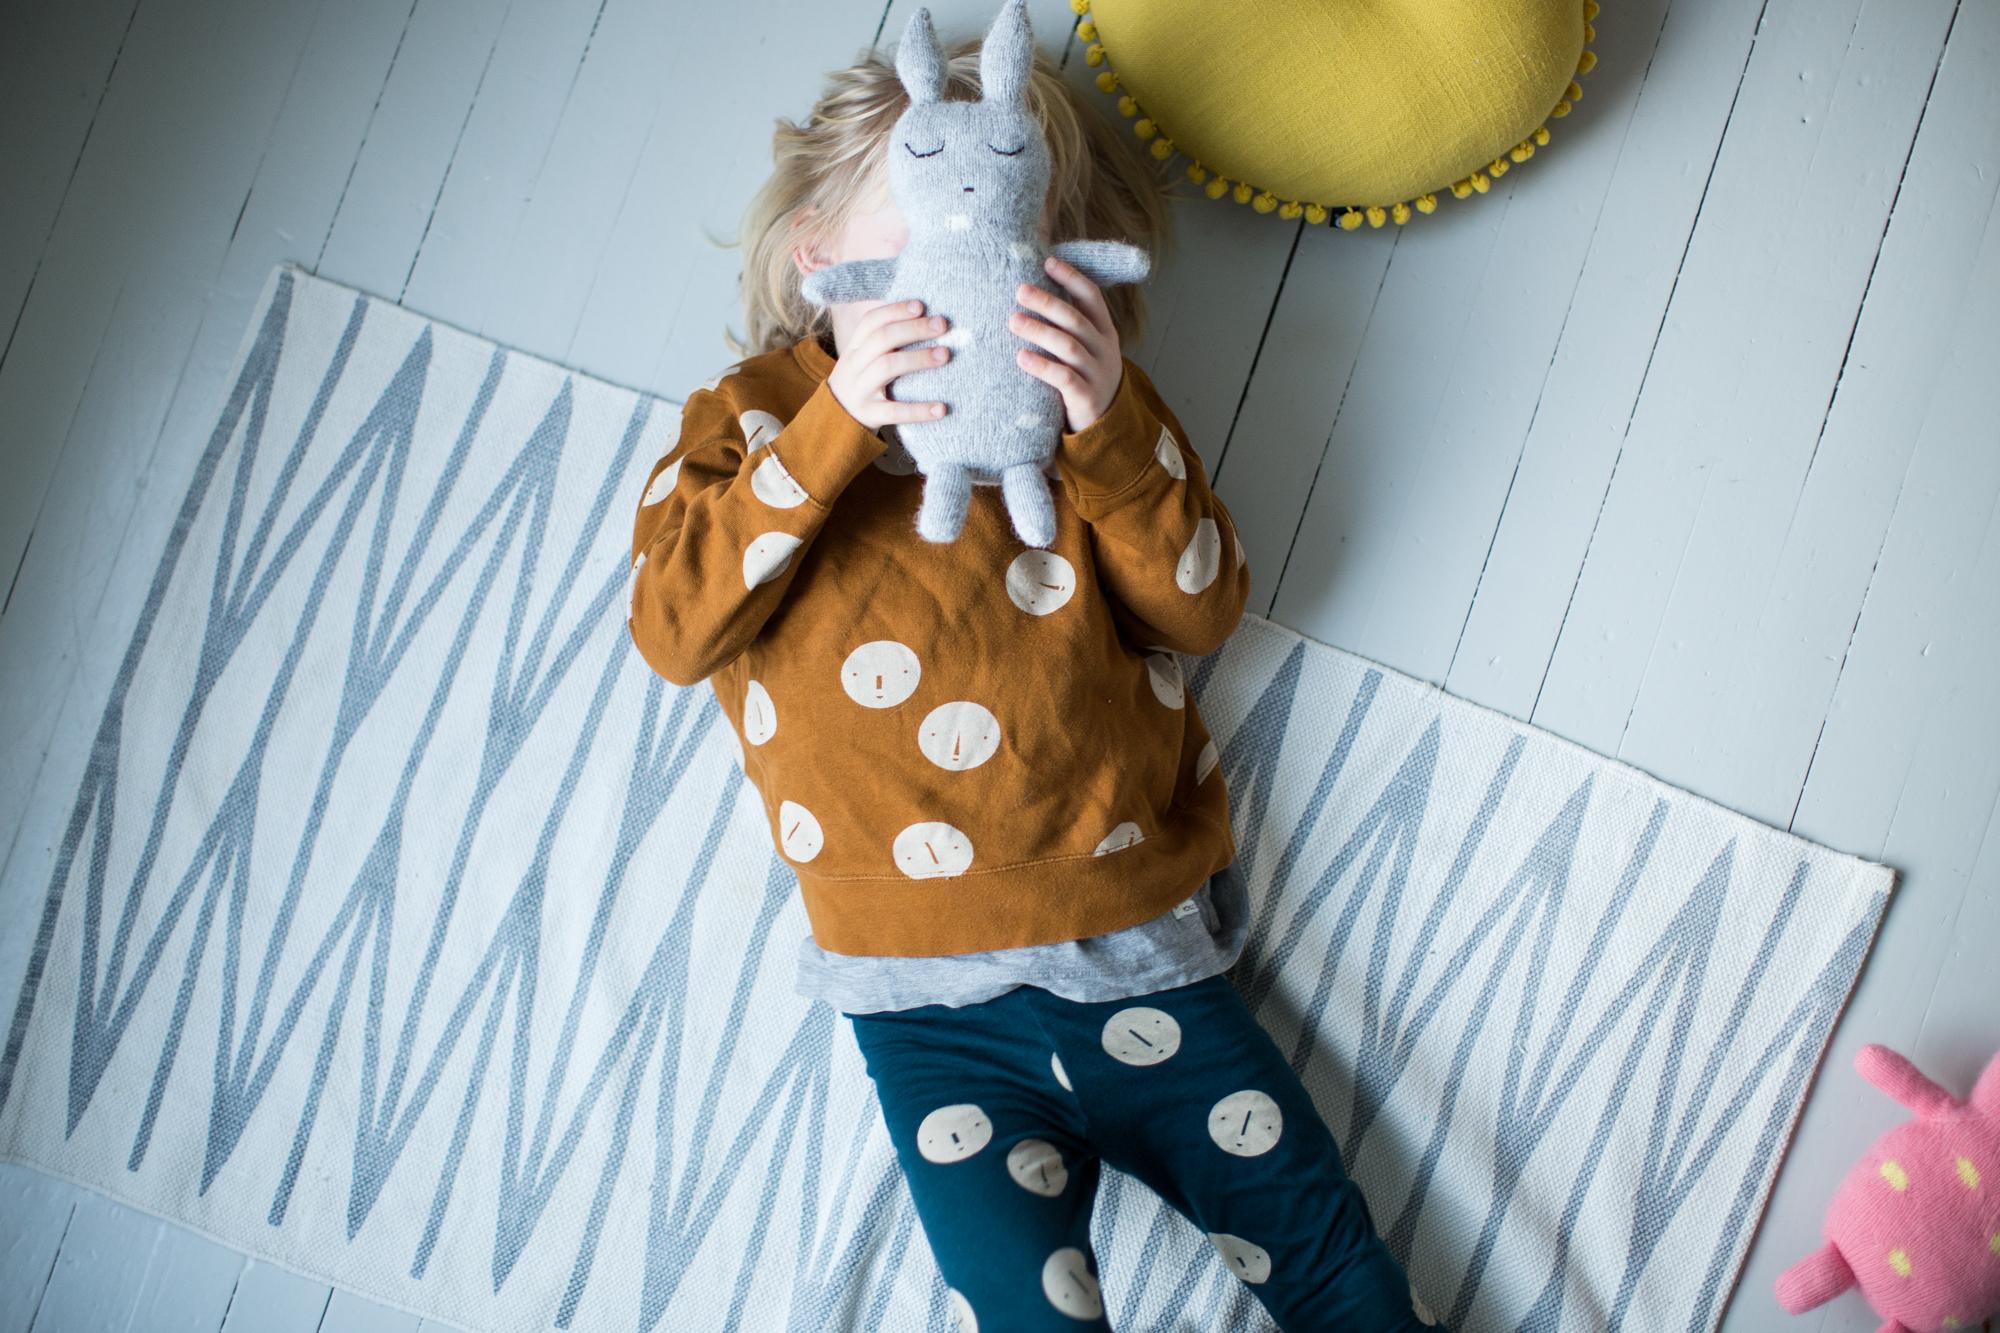 toy bunny,stuffed animal